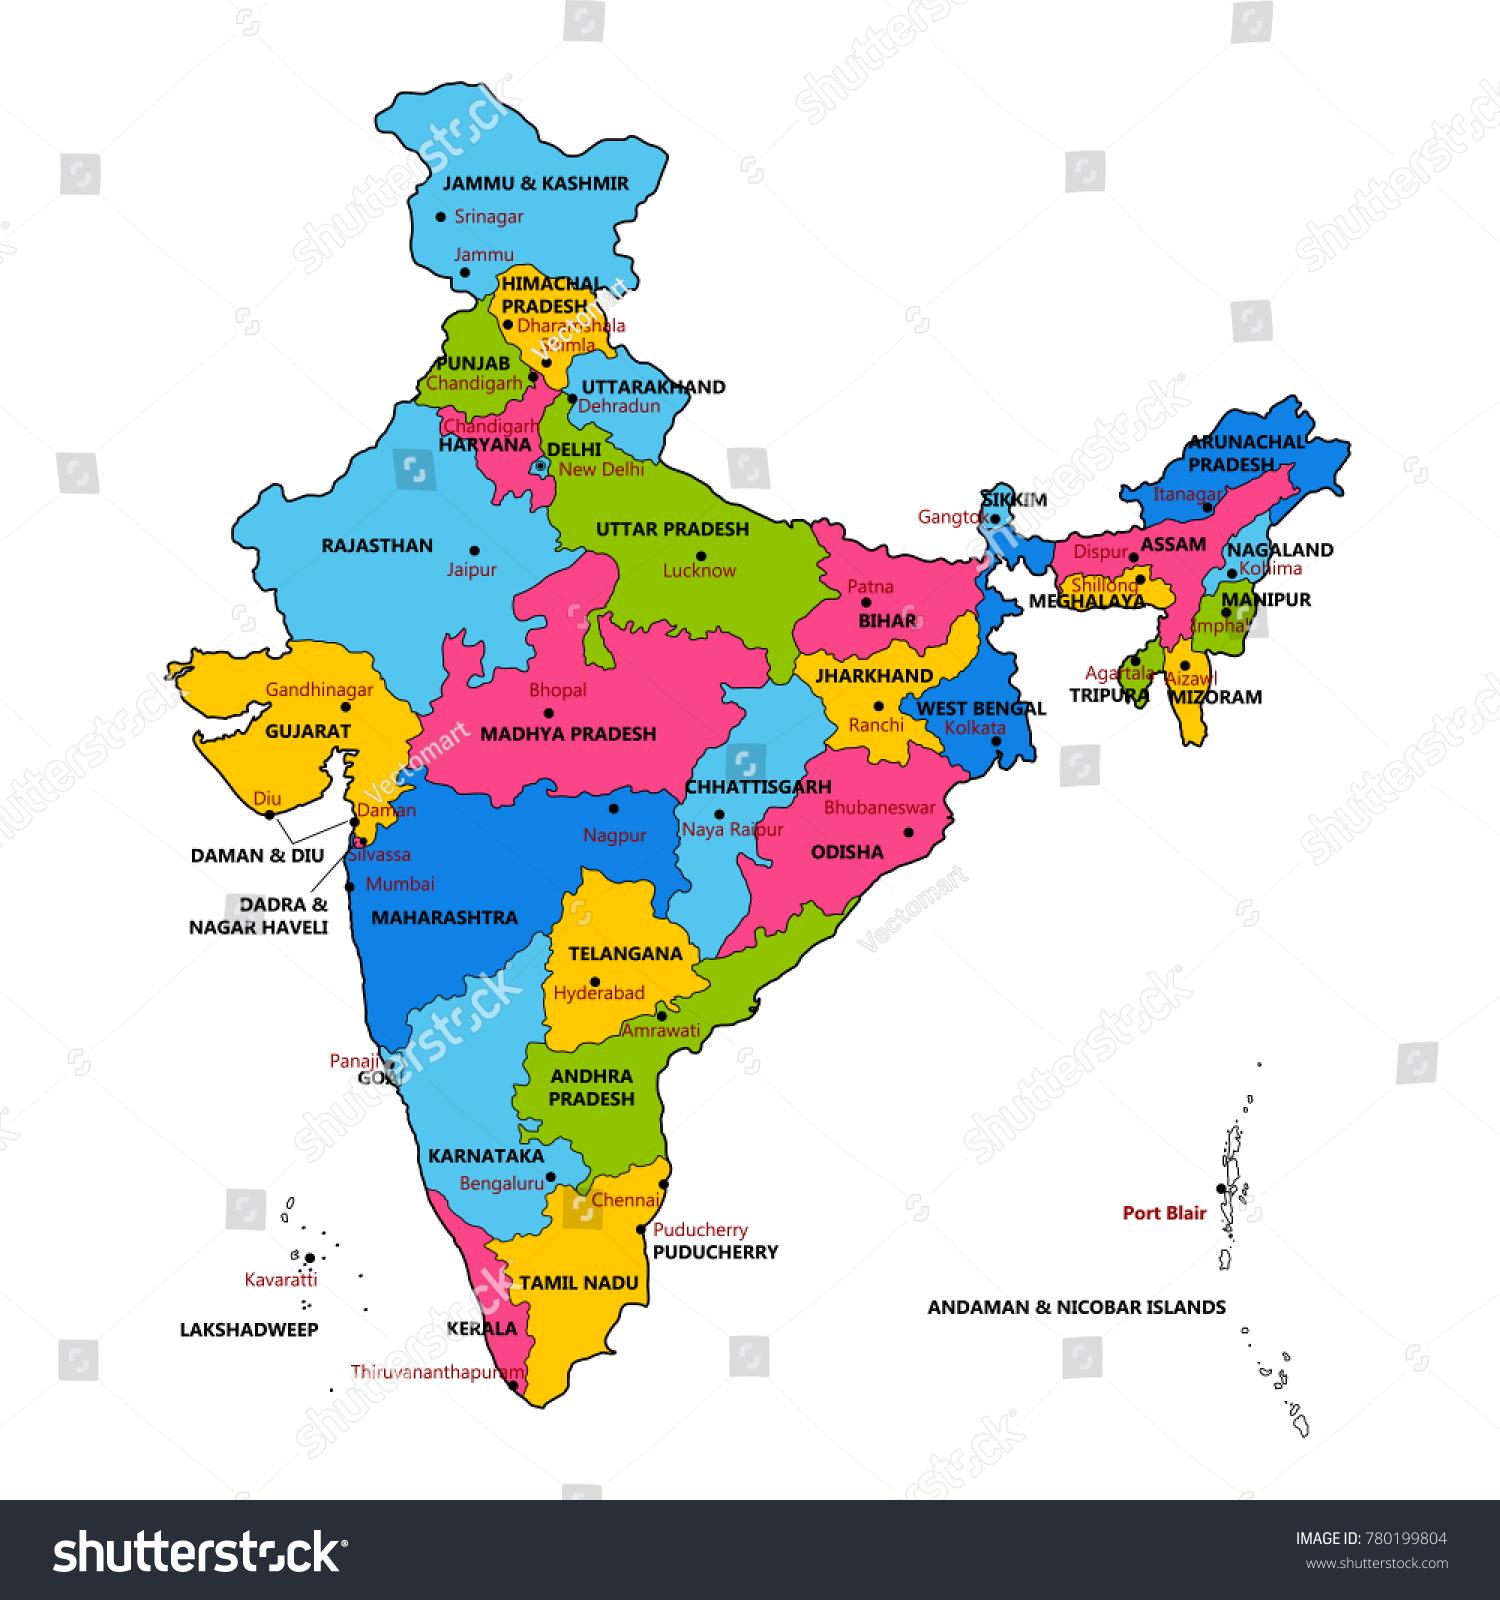 Kuva Yksityiskohtainen Kartta Intiasta Aasiassa Kaikki